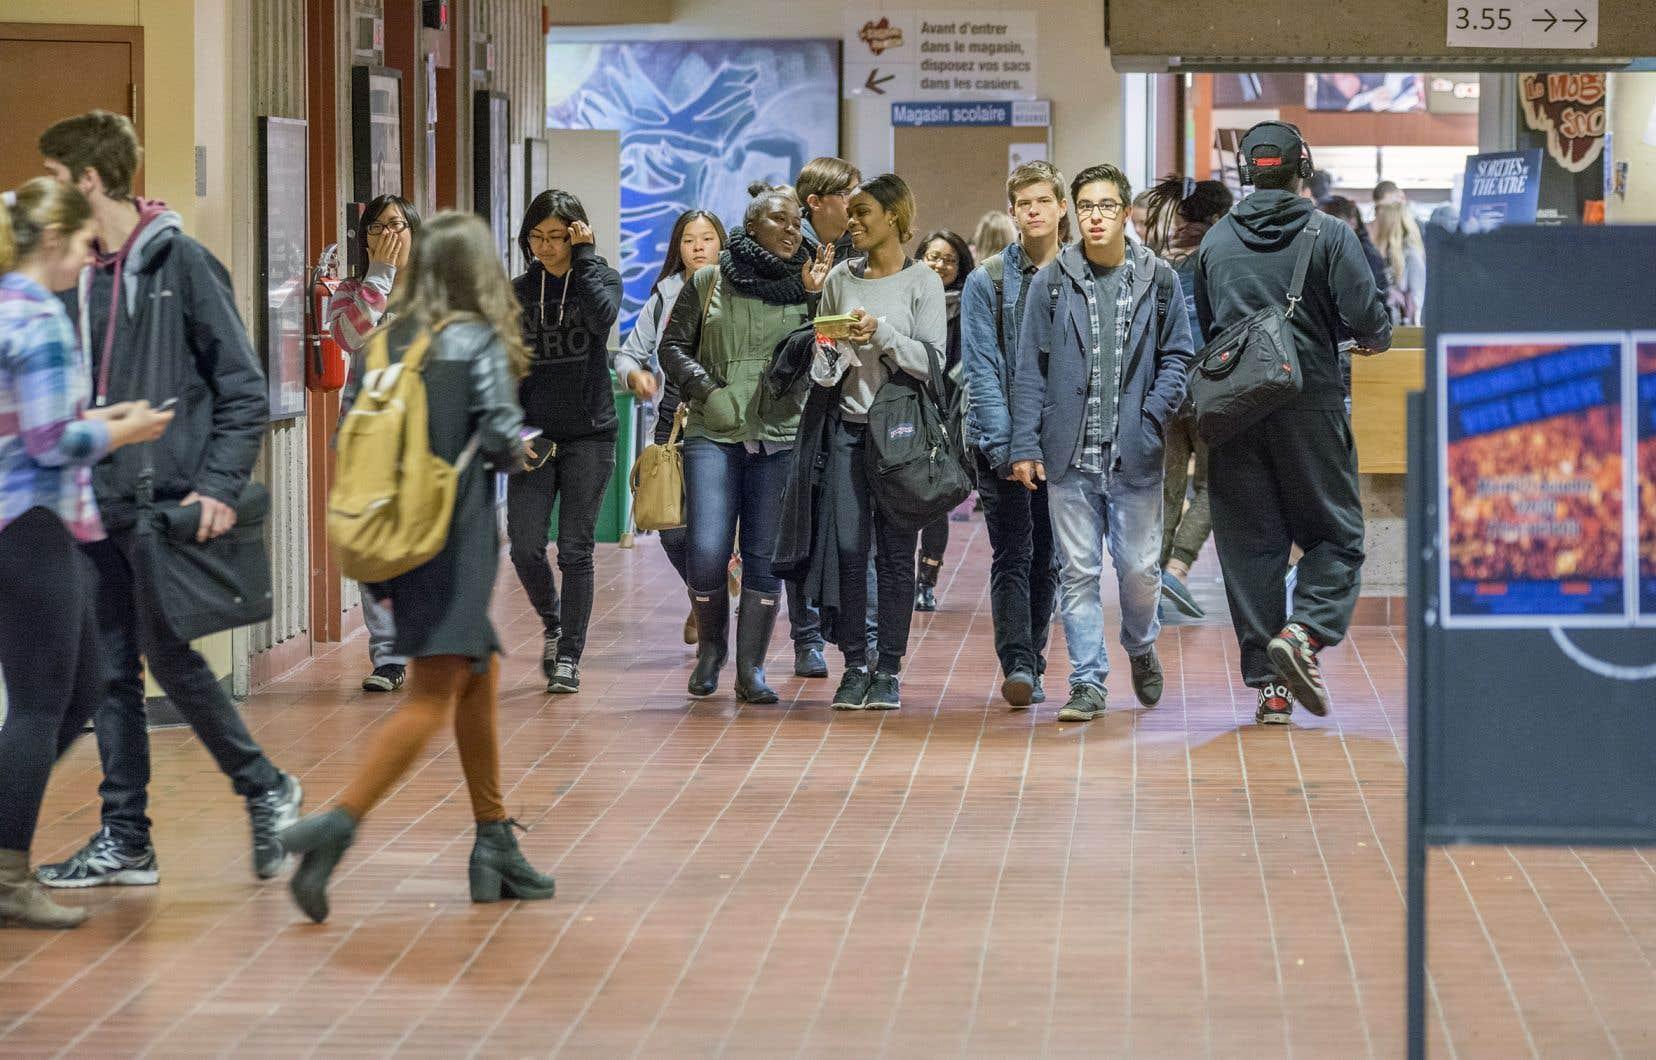 Le nombre d'inscriptions dans les cégeps est en baisse de 1,4% par rapport à l'an dernier. Les données préliminaires compilées par la Fédération des cégeps indiquent que 172814 étudiants se sont inscrits au collégial.